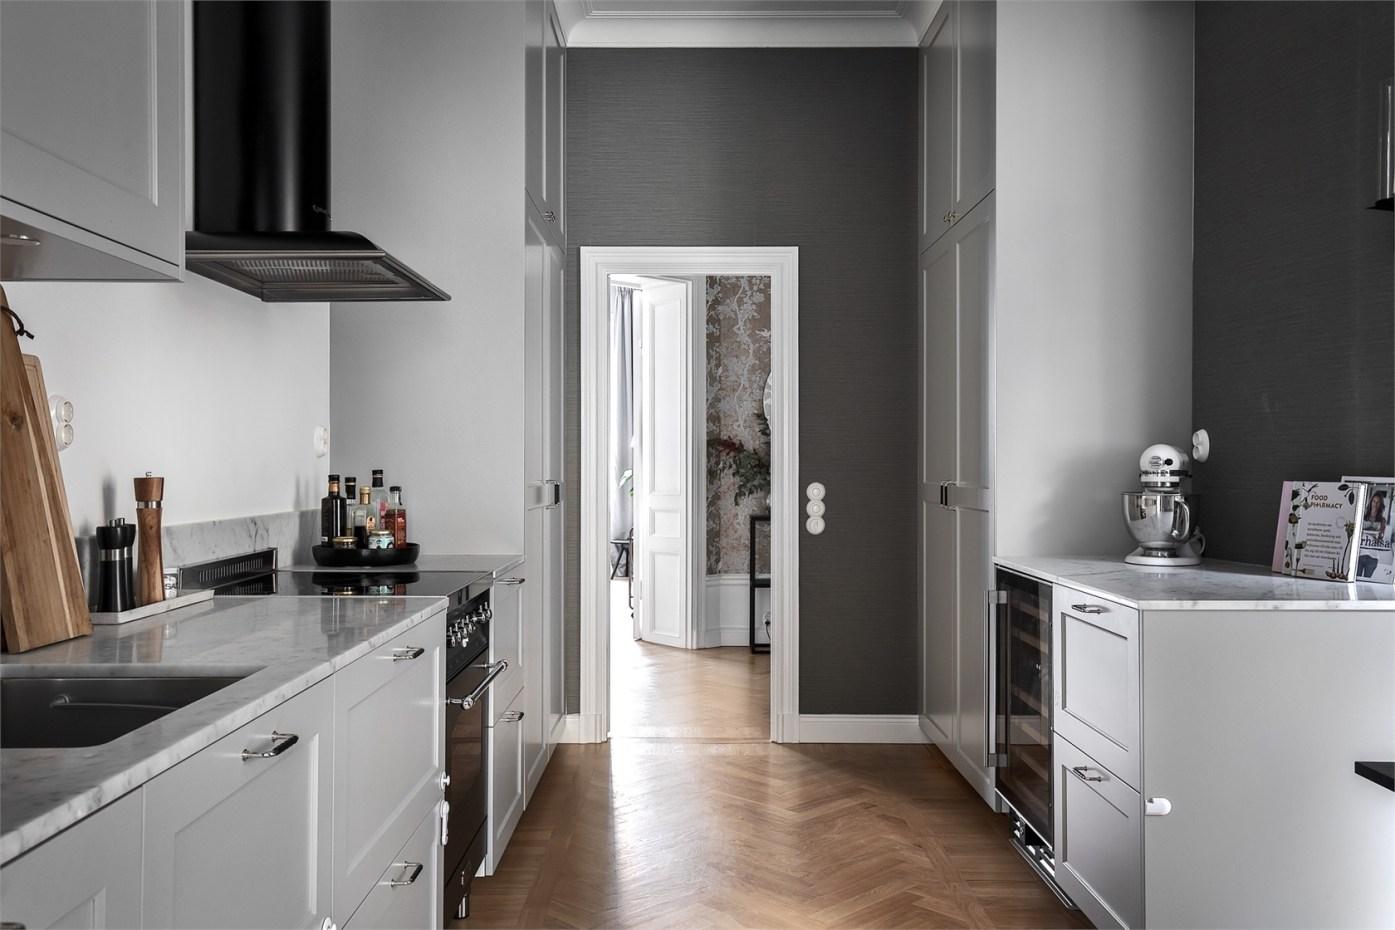 28606 kitchen door